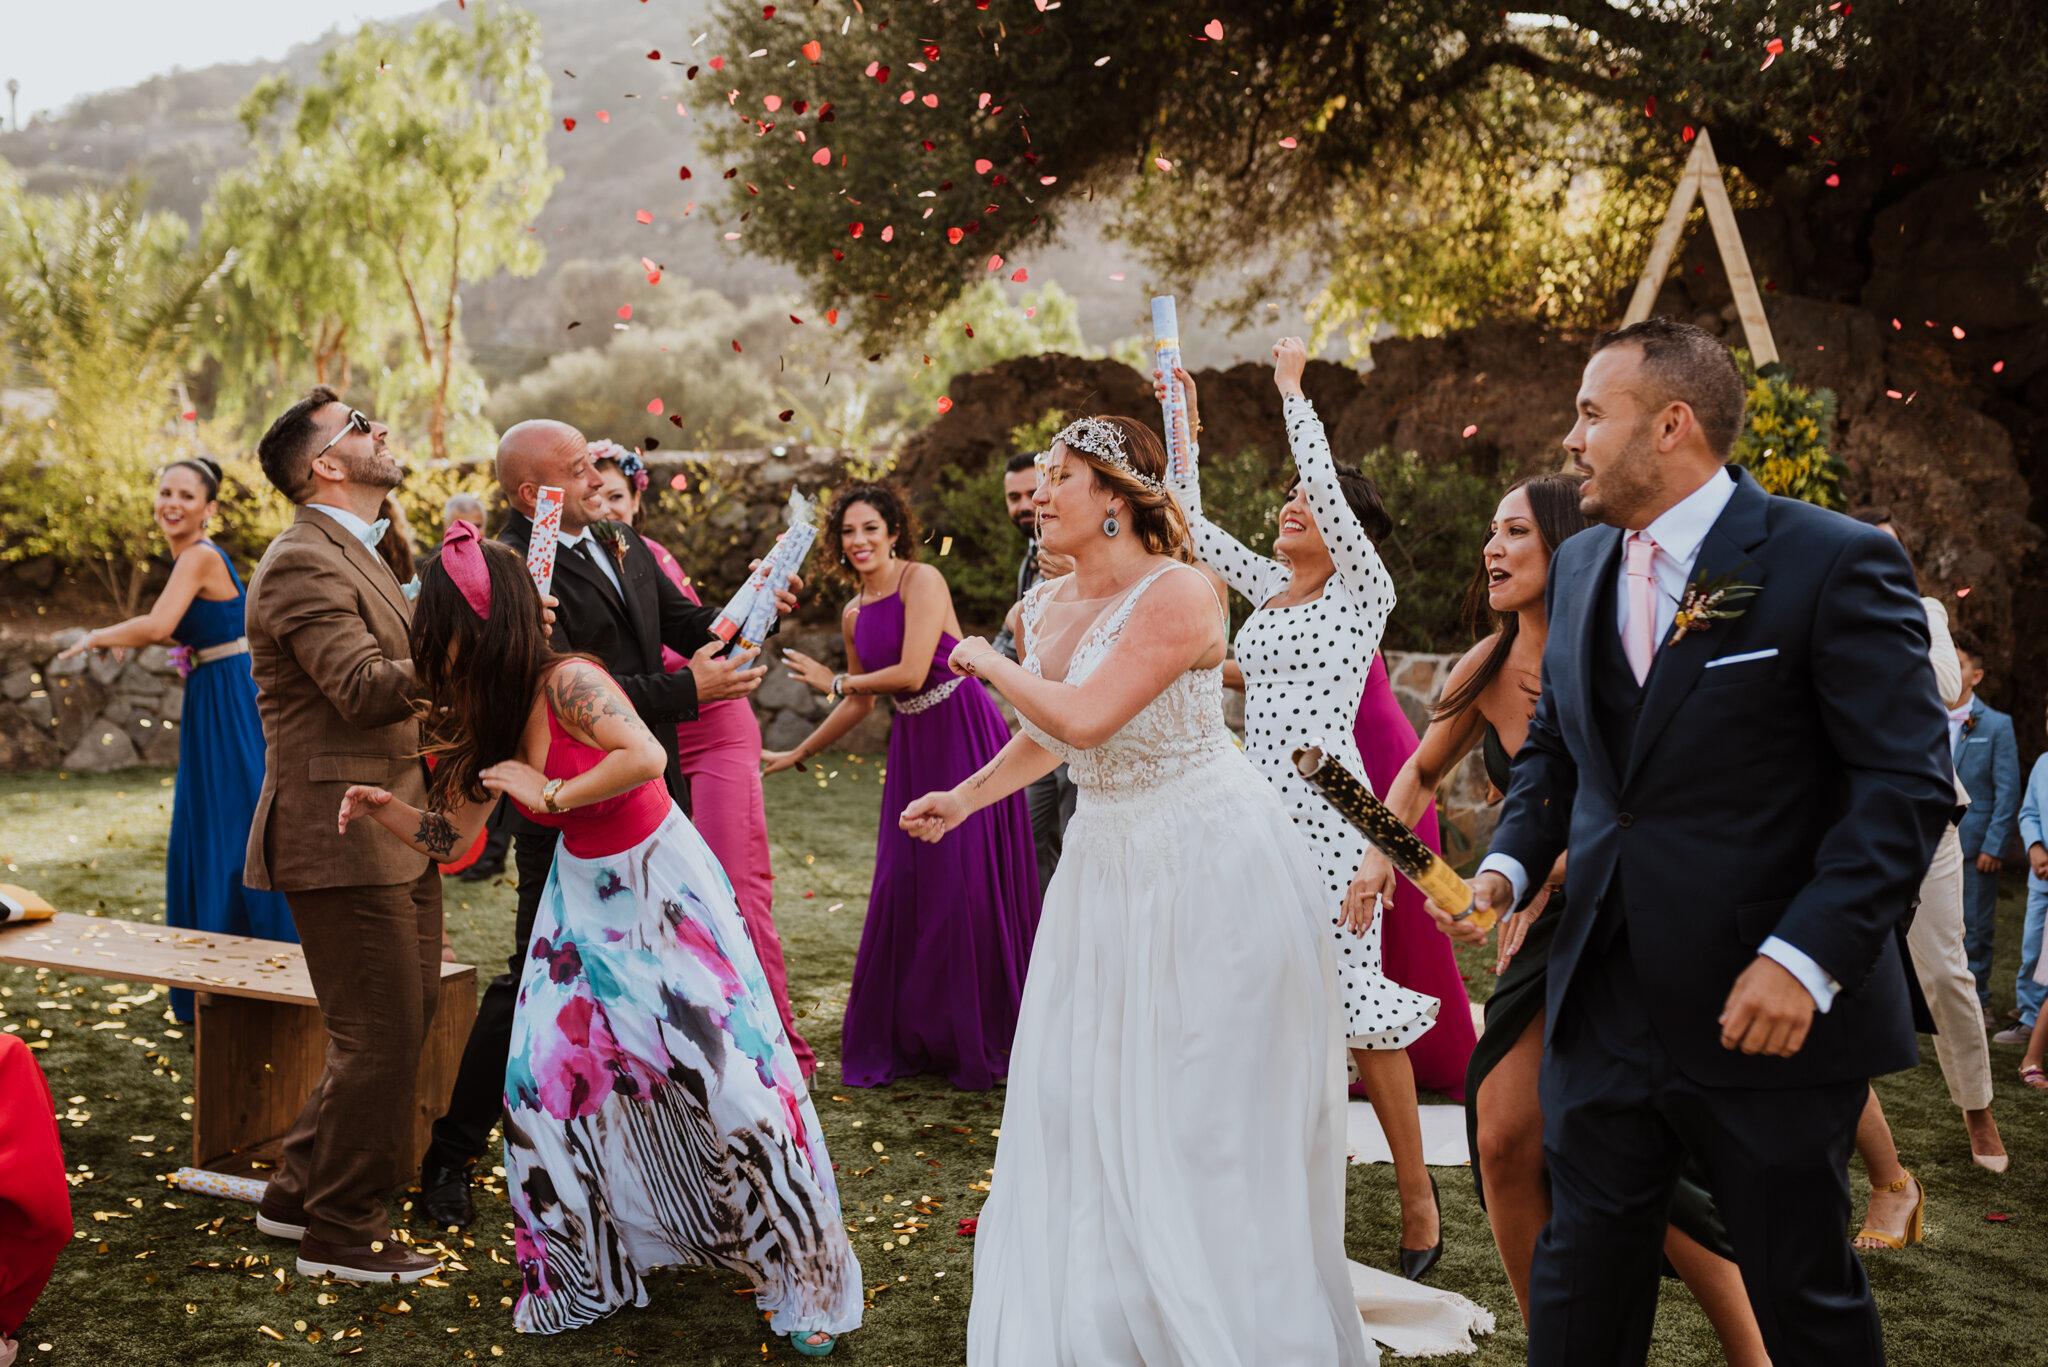 fotografo de bodas las palmas_-82.jpg